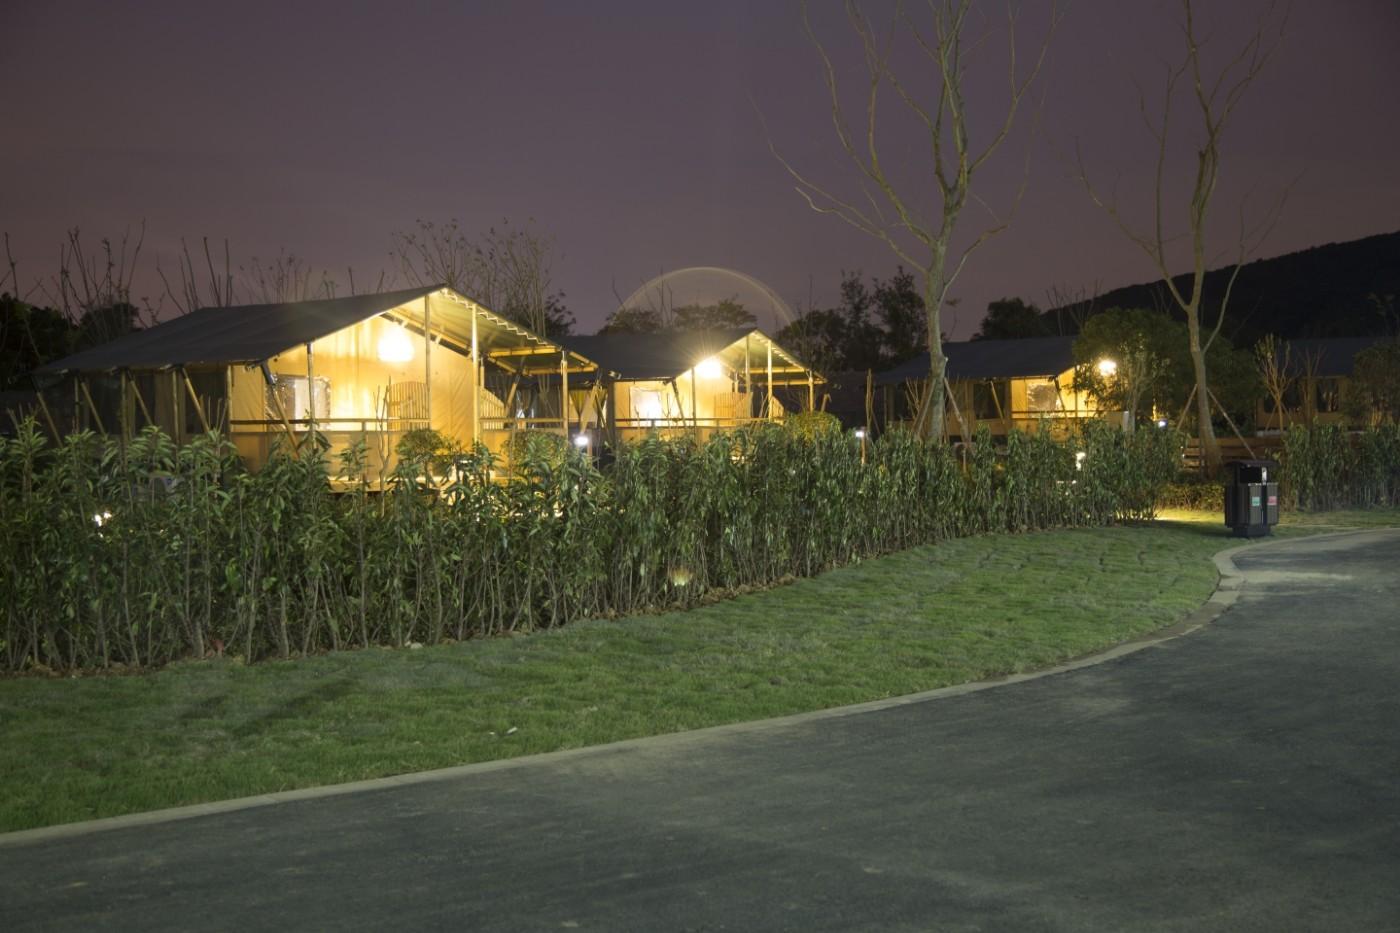 喜马拉雅野奢帐篷酒店—太湖湾露营谷14